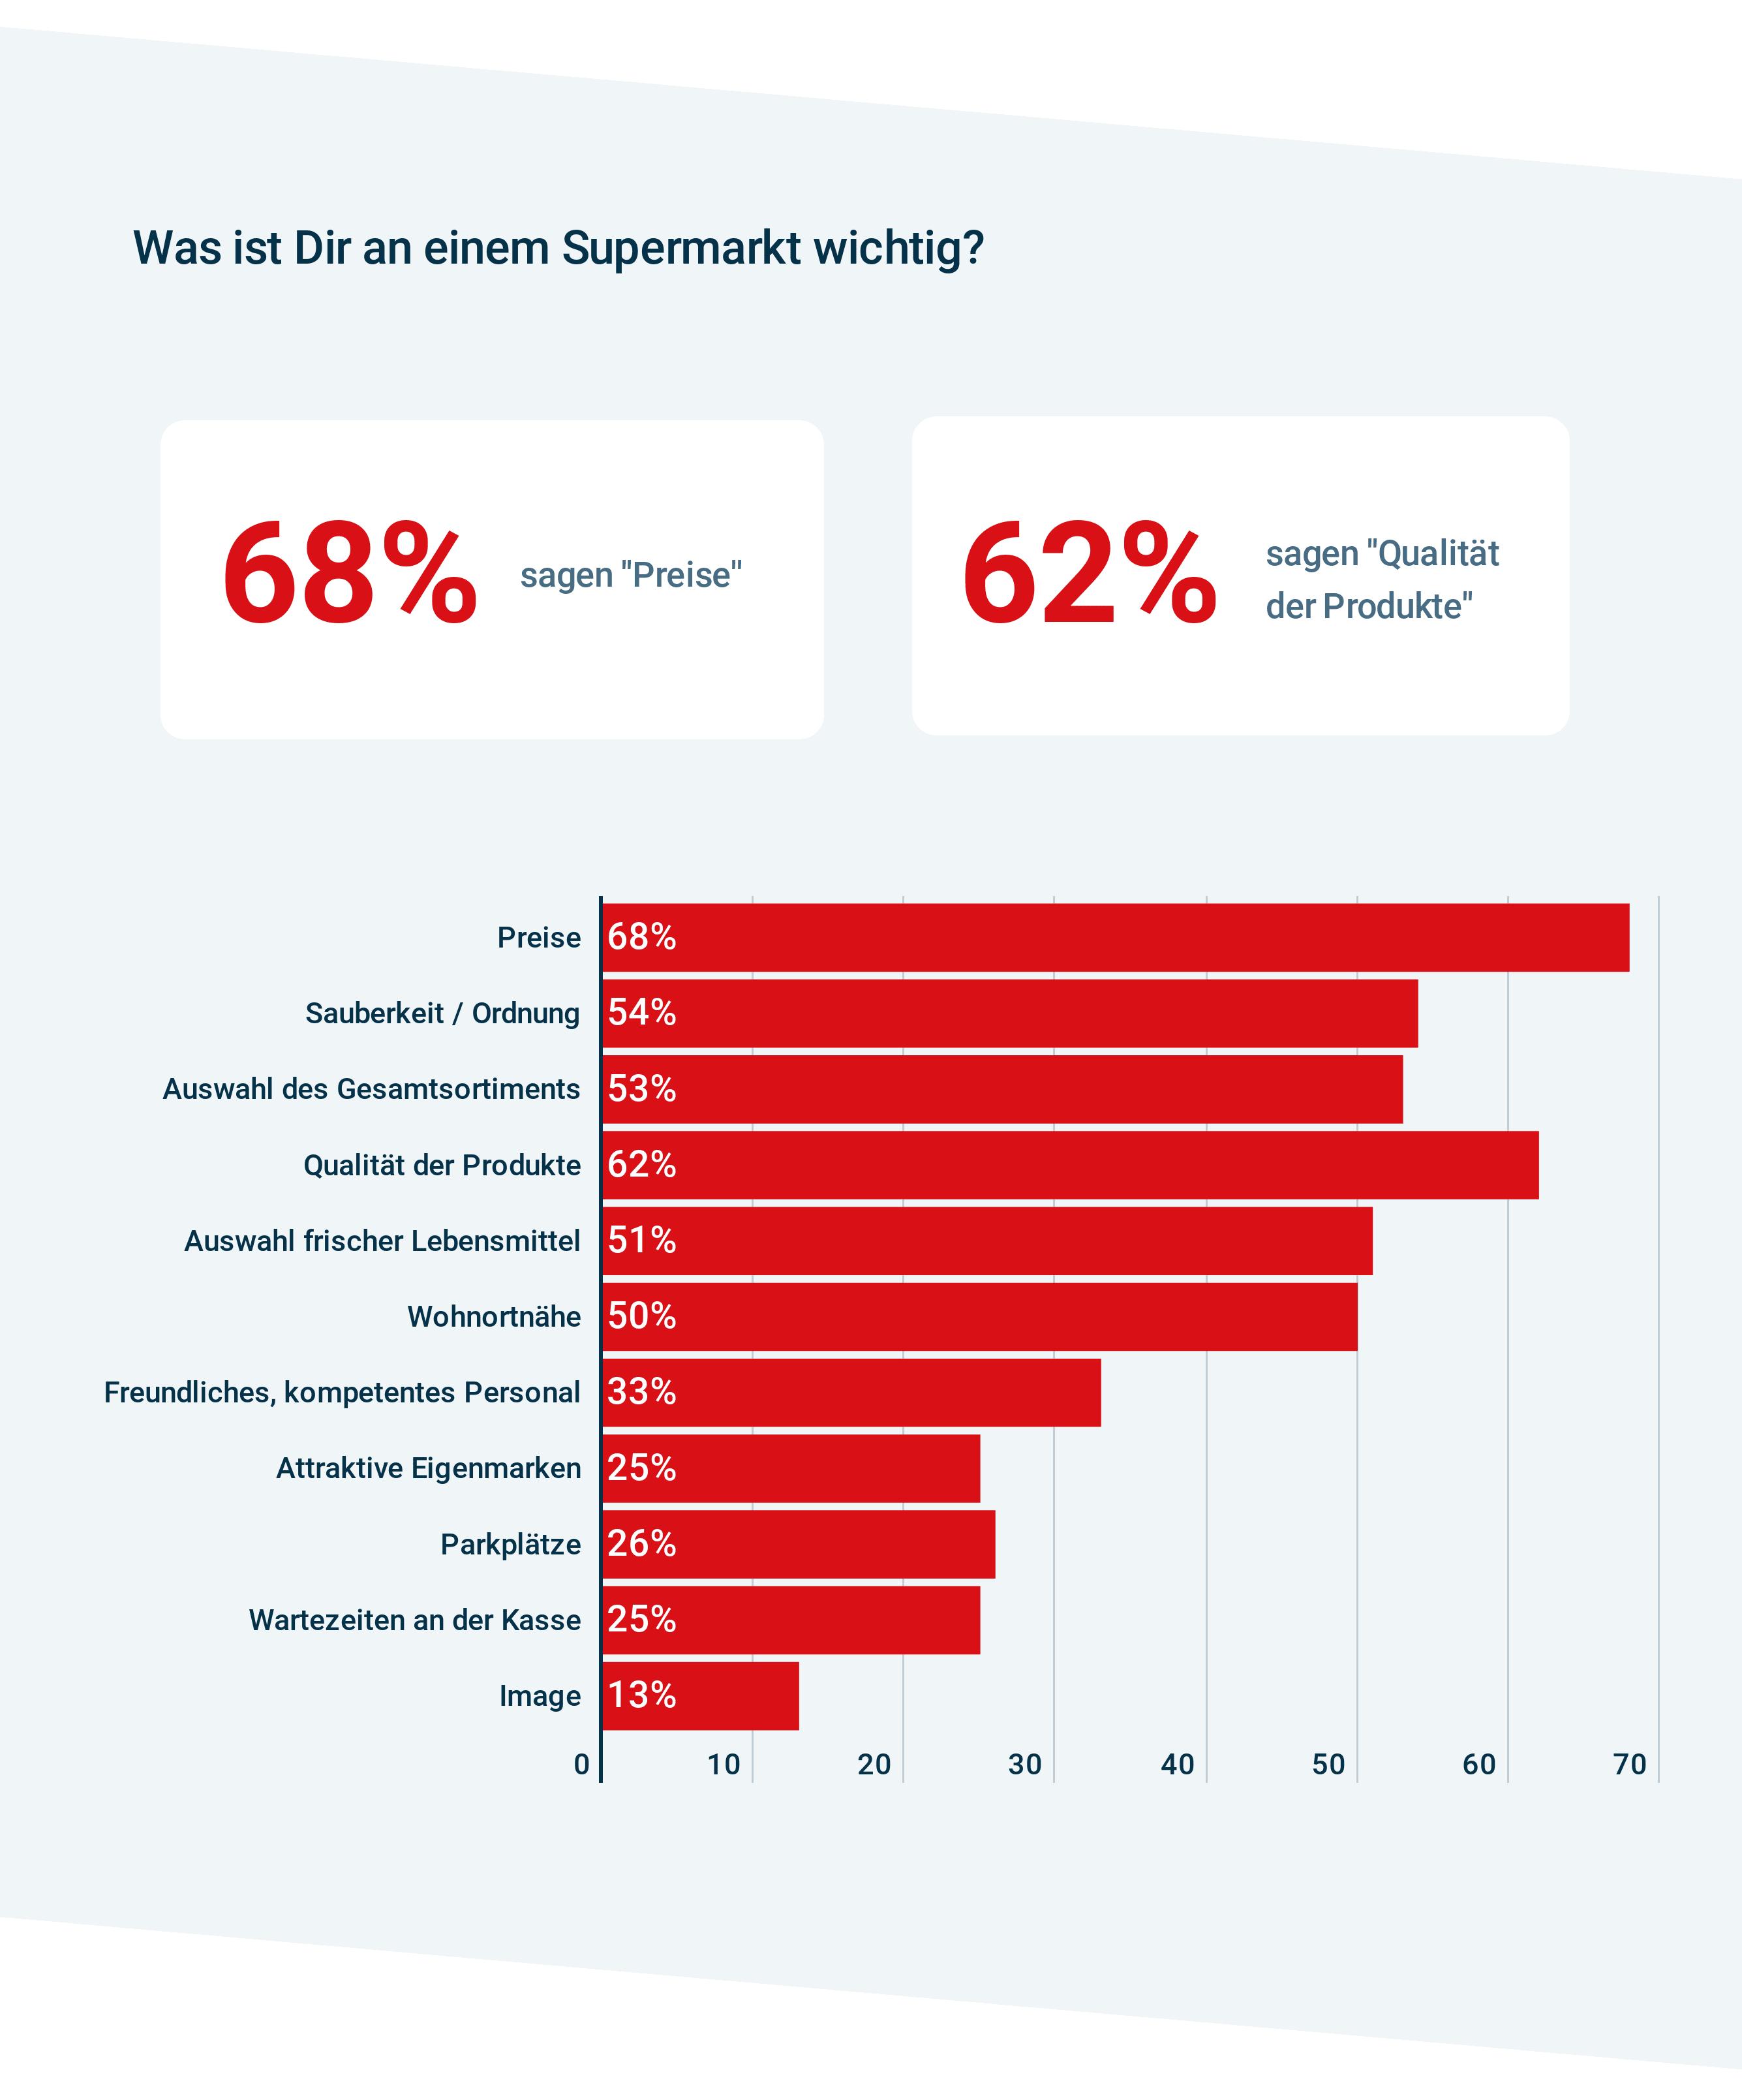 Appinio Studie zu Supermärkten. Kriterien für Supermarkt-Wahl